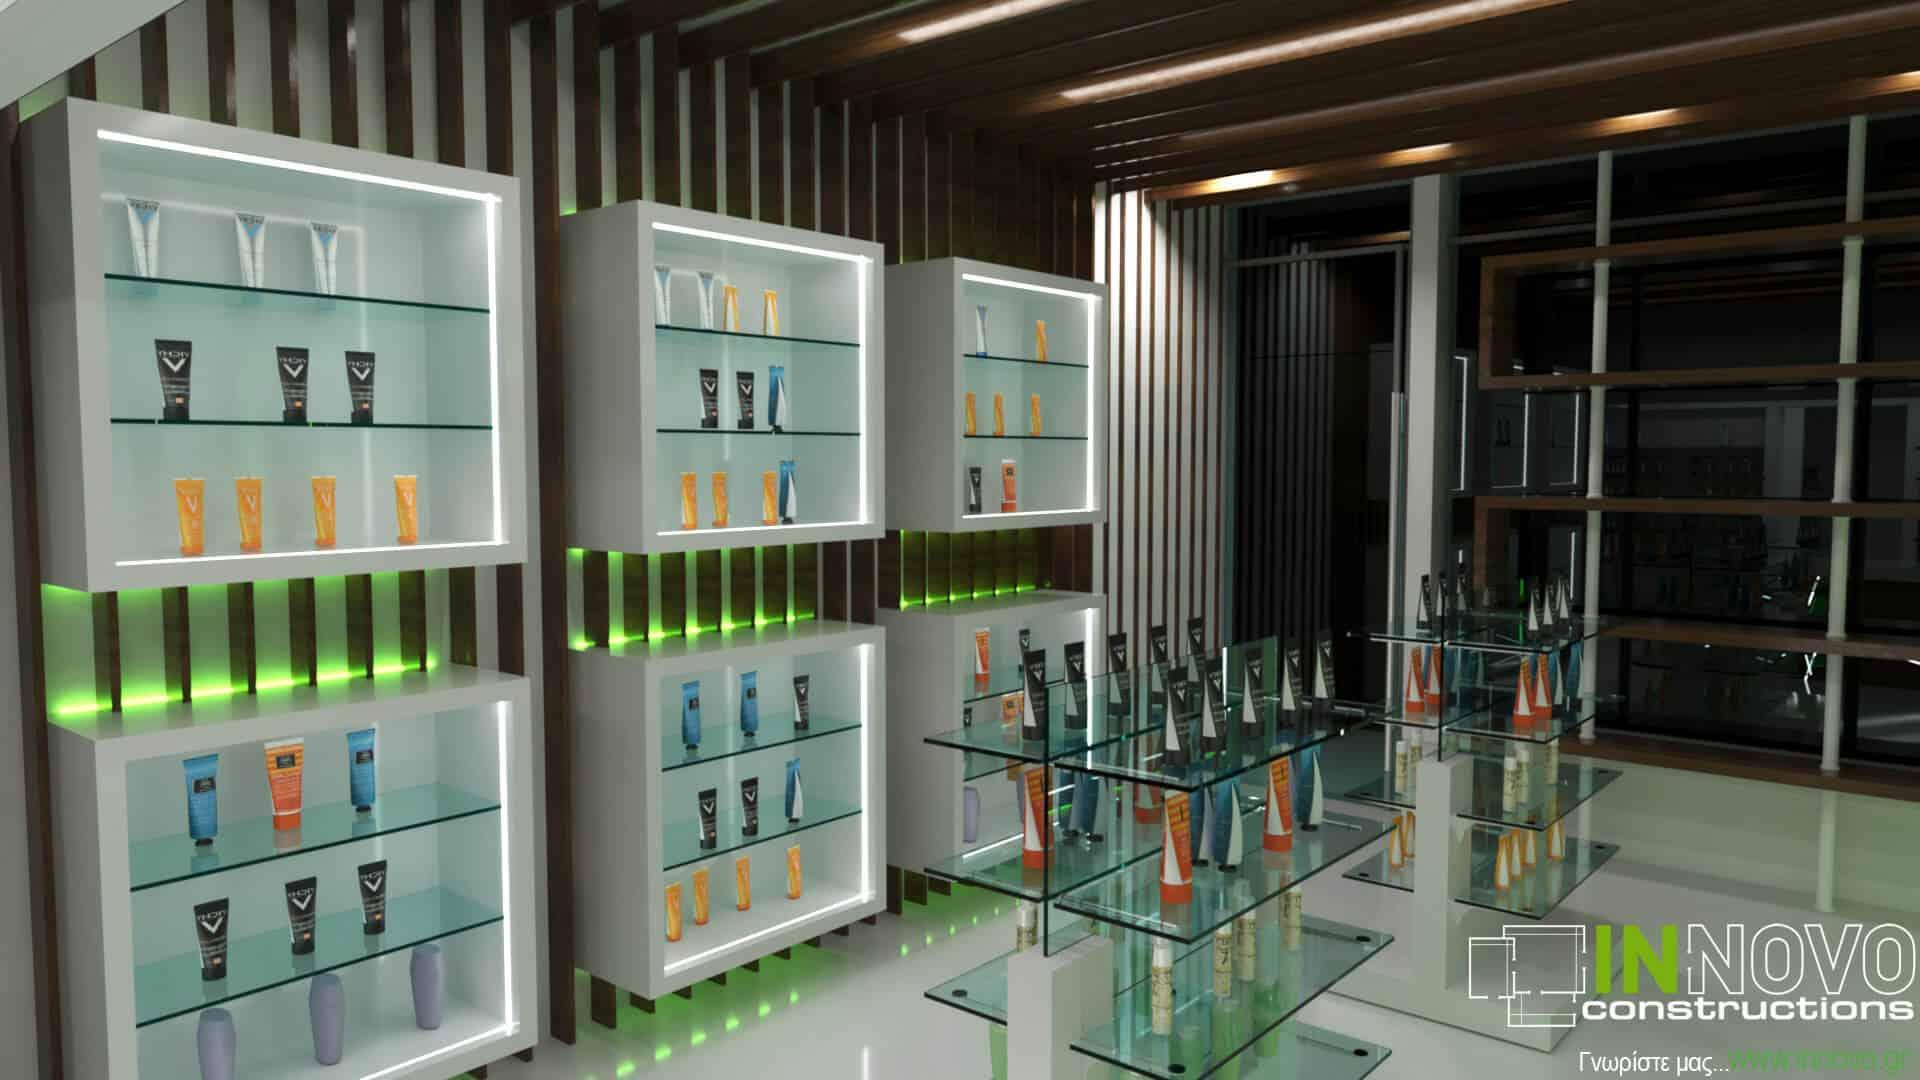 Σχεδιασμός κατασκευής φαρμακείου στο Άμστερνταμ